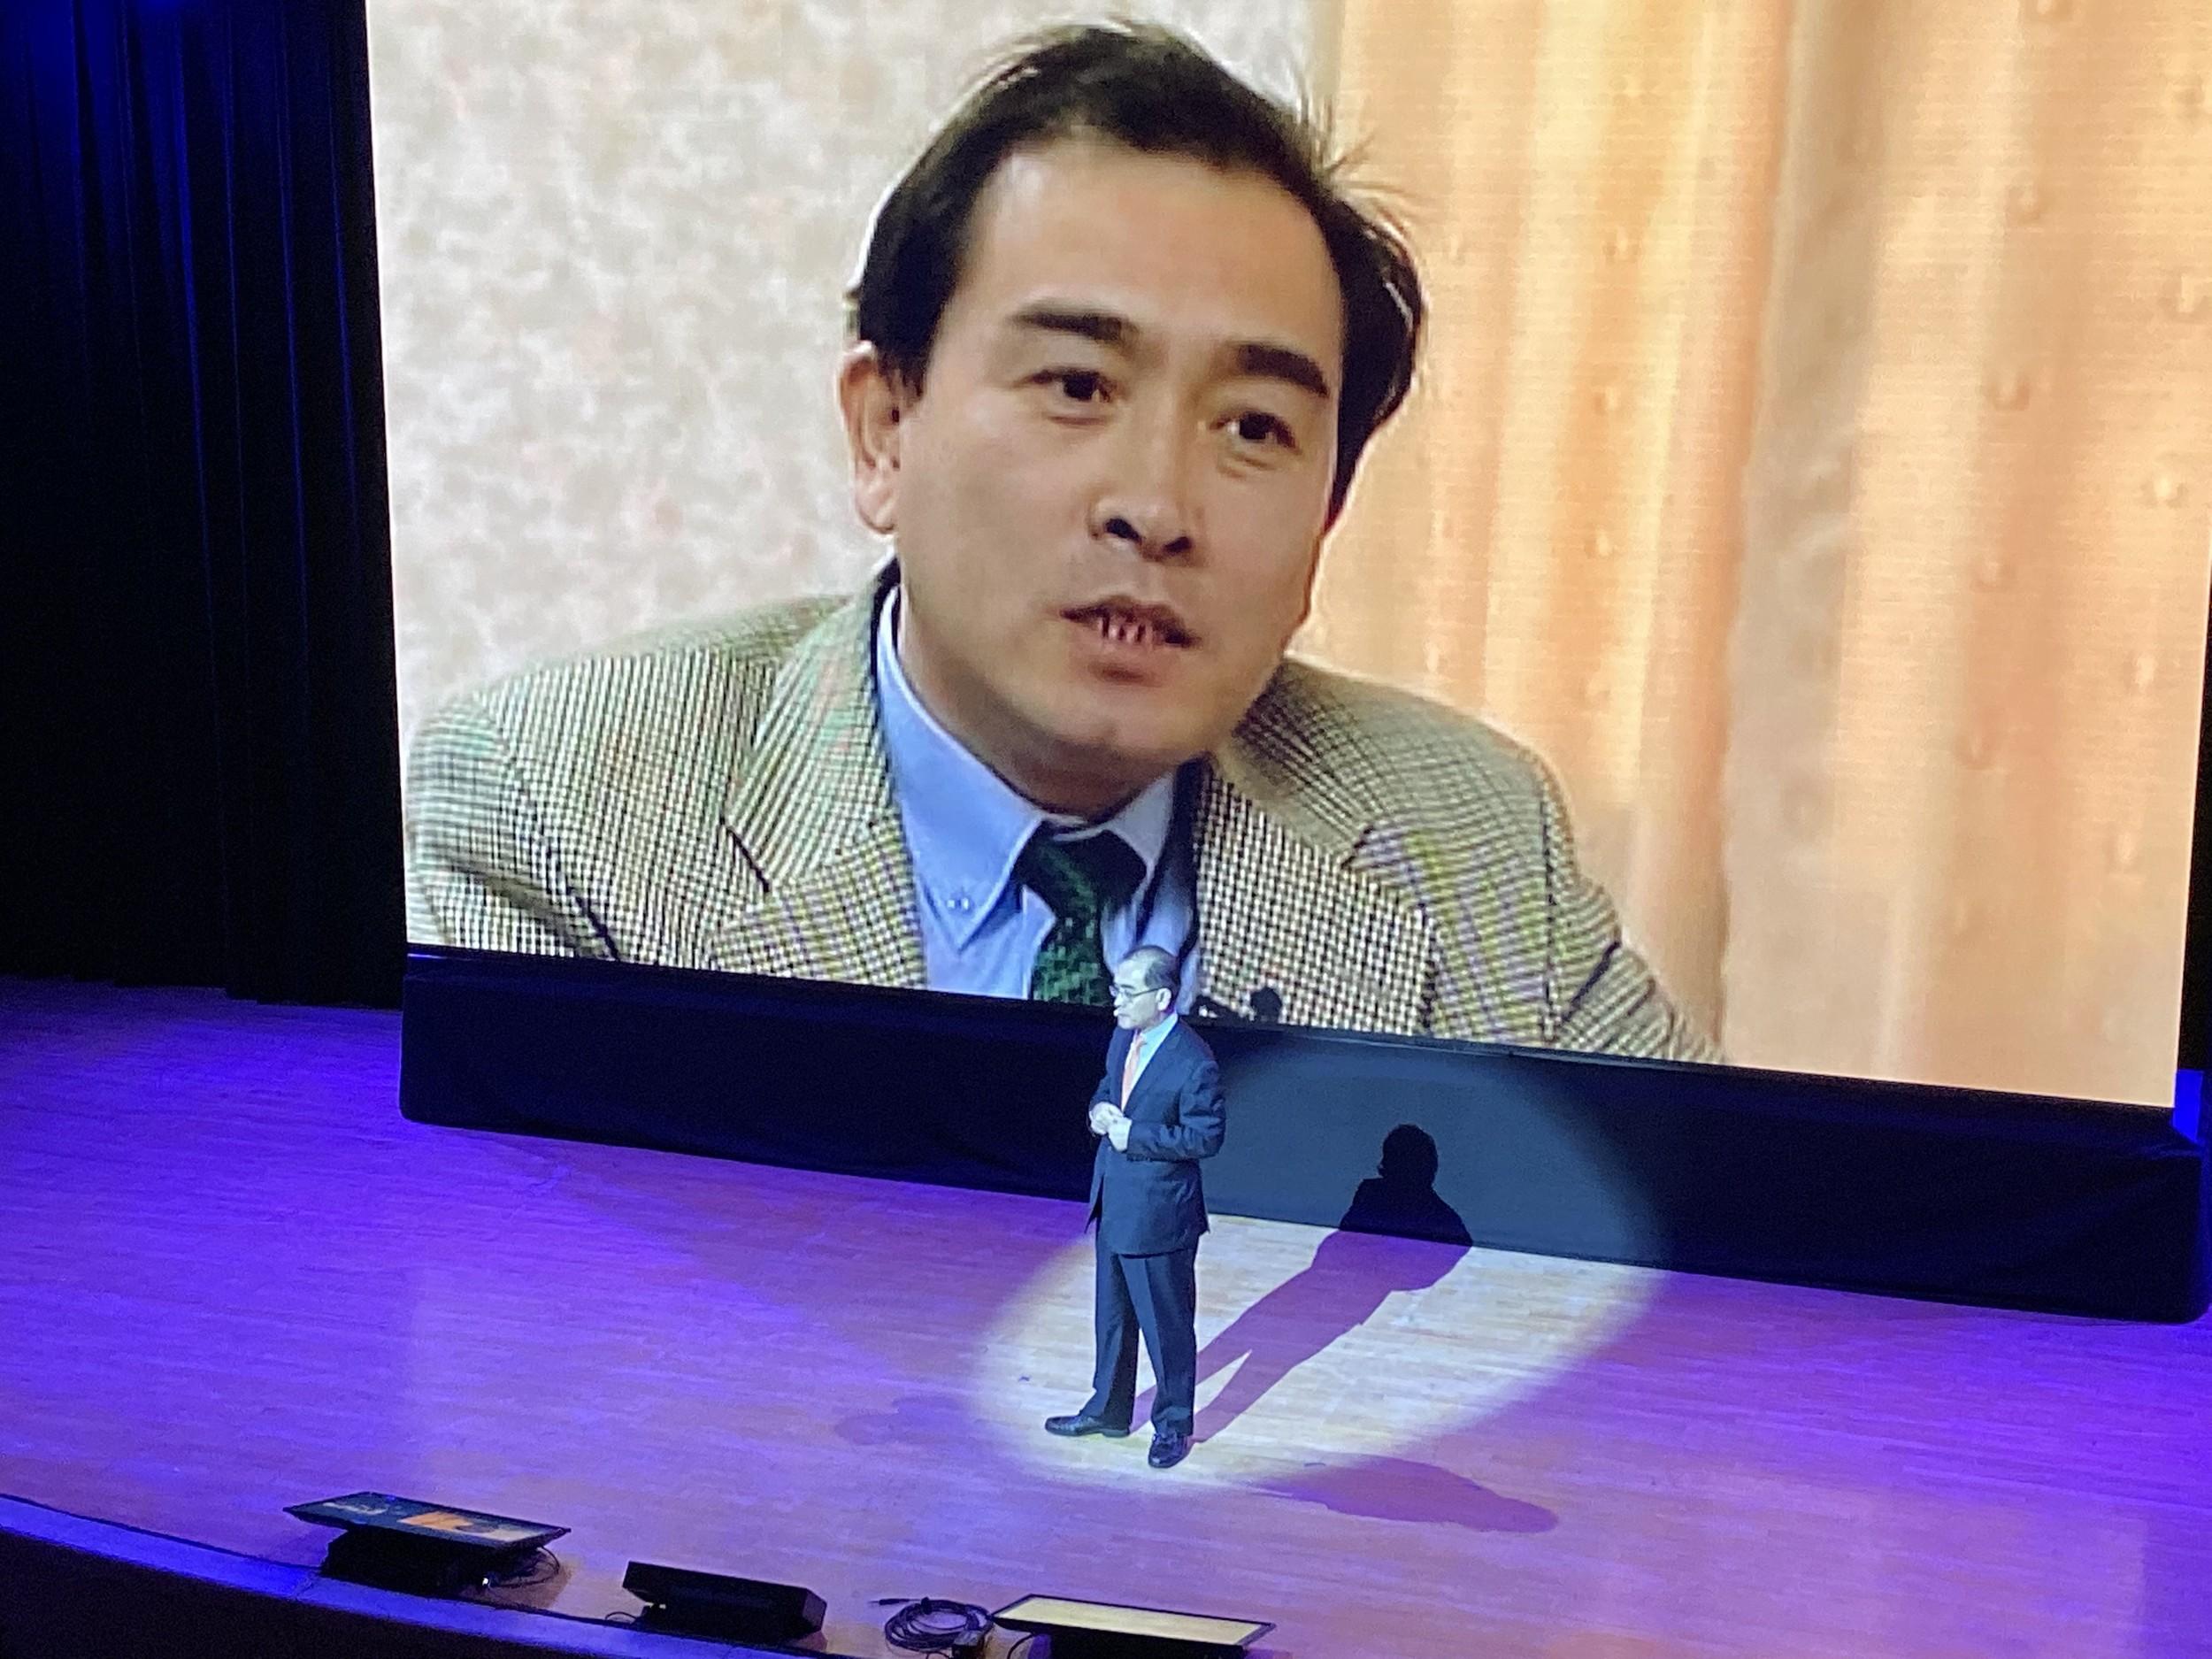 10月23日在纽约召开的奥斯陆自由论坛,前朝鲜驻英国公使发表演说。(王允摄影)